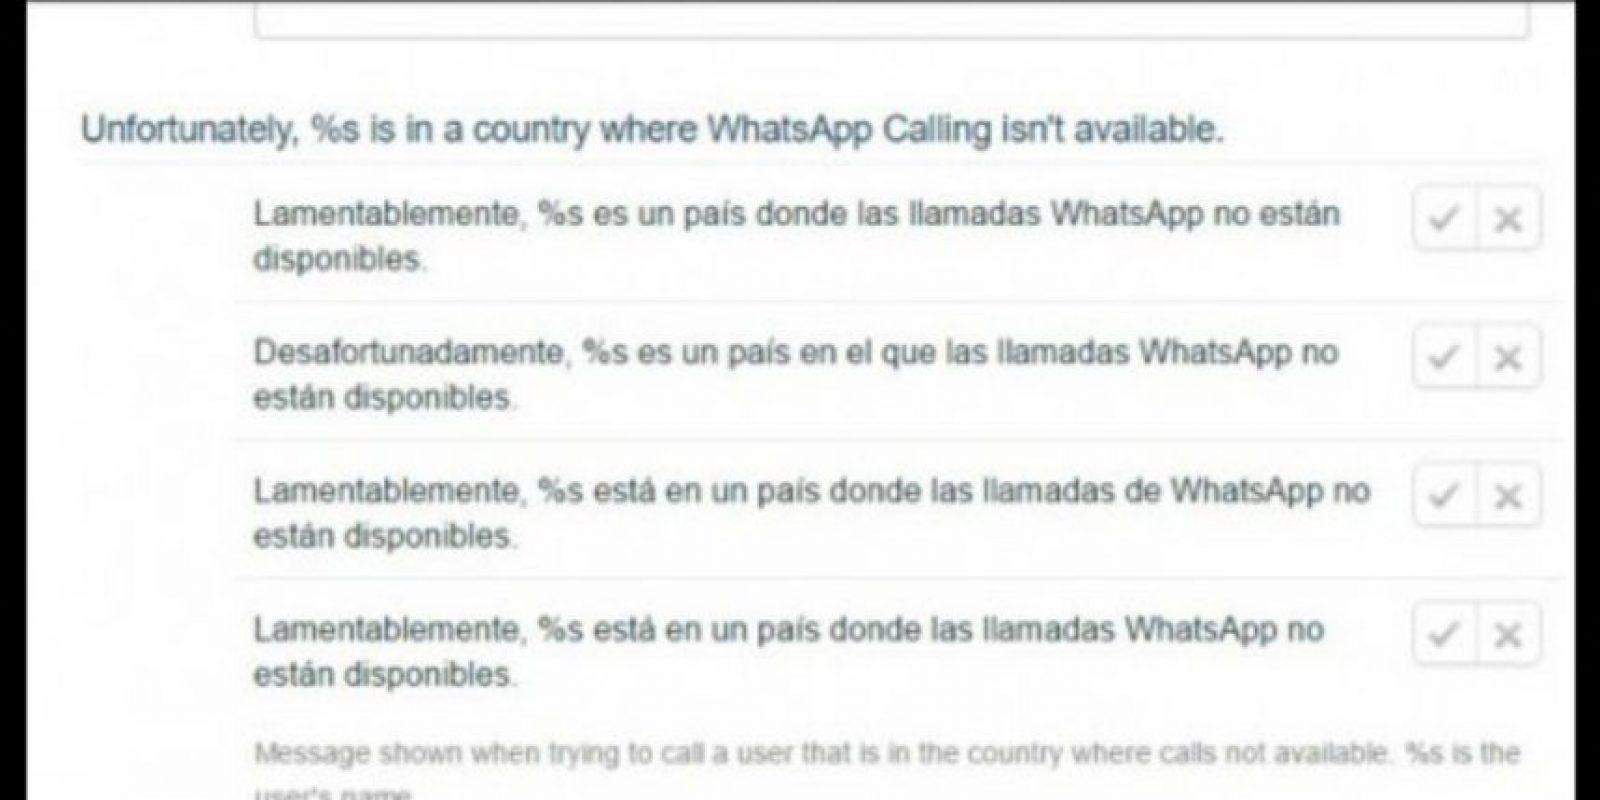 En algunos países, las llamadas de WhatsApp no estarán disponibles, así lo confirmó este mensaje de WhatsApp Traslation. Foto:WhatsApp Traslation